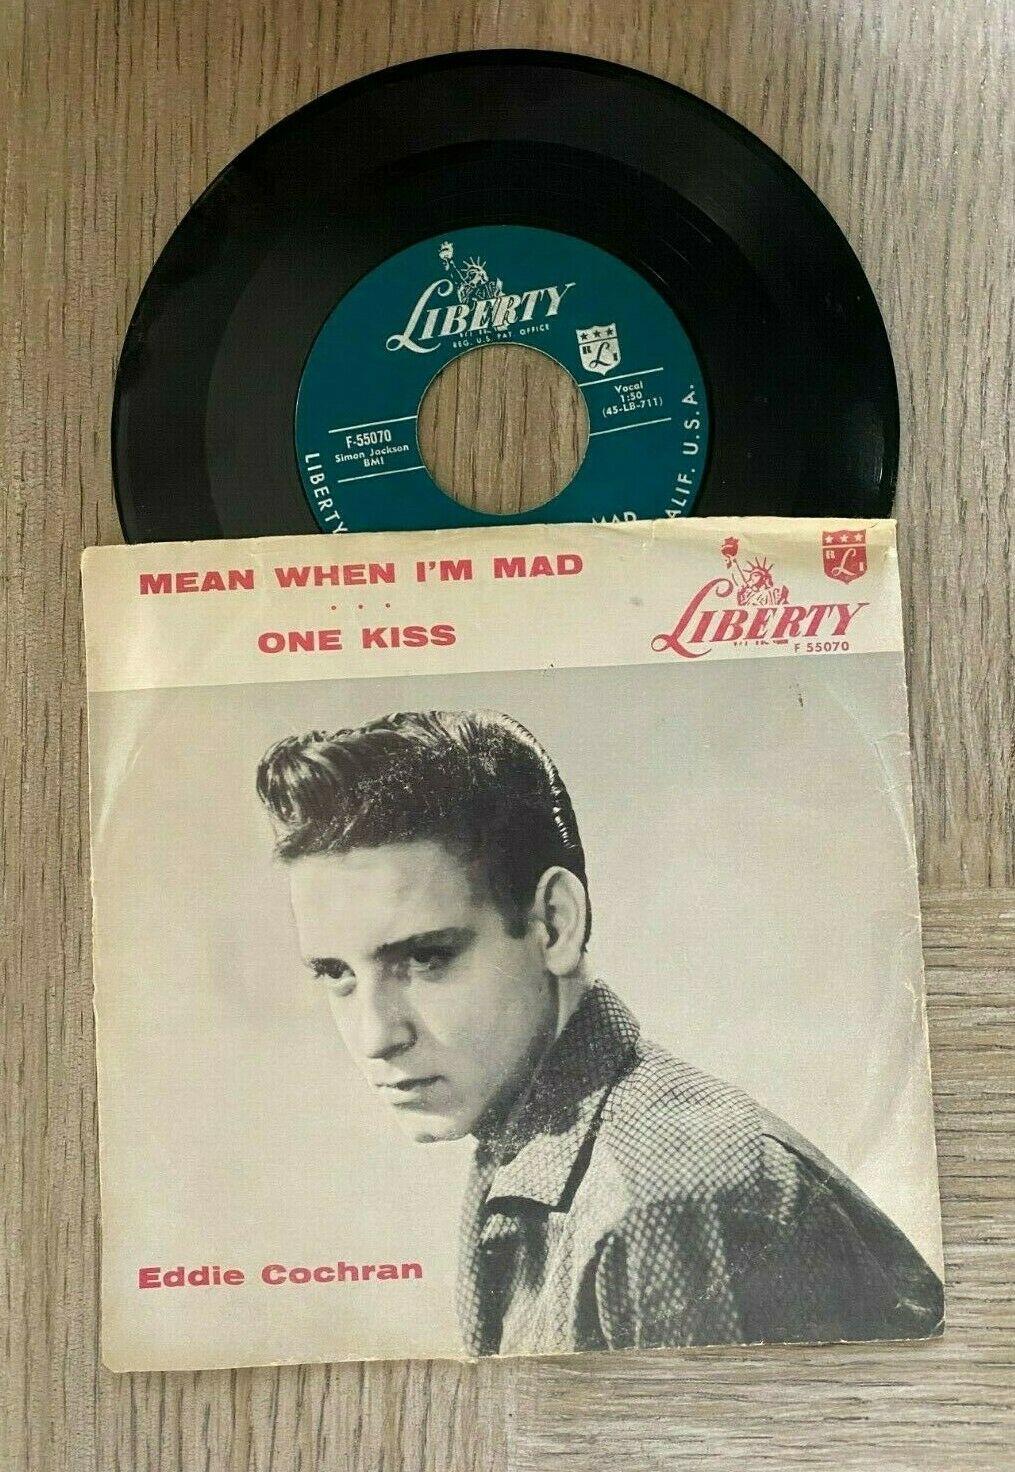 EDDIE COCHRAN 45 LIBERTY MEAN WHEN I M MAD ONE KISS F 55070 ROCKABILLY 1957